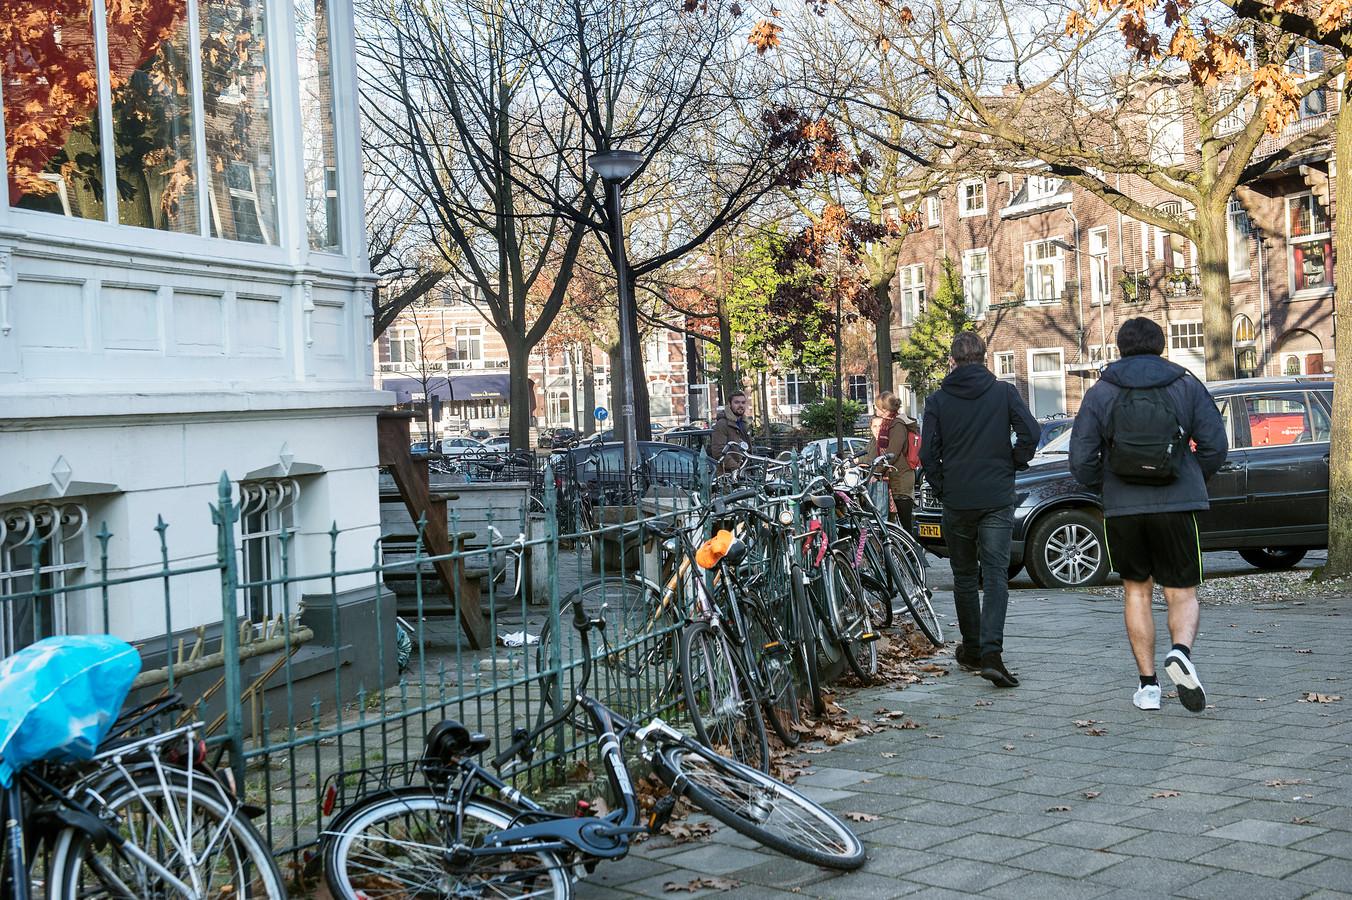 Gestalde fietsen bij een studentenhuis. ARCHIEFFOTO